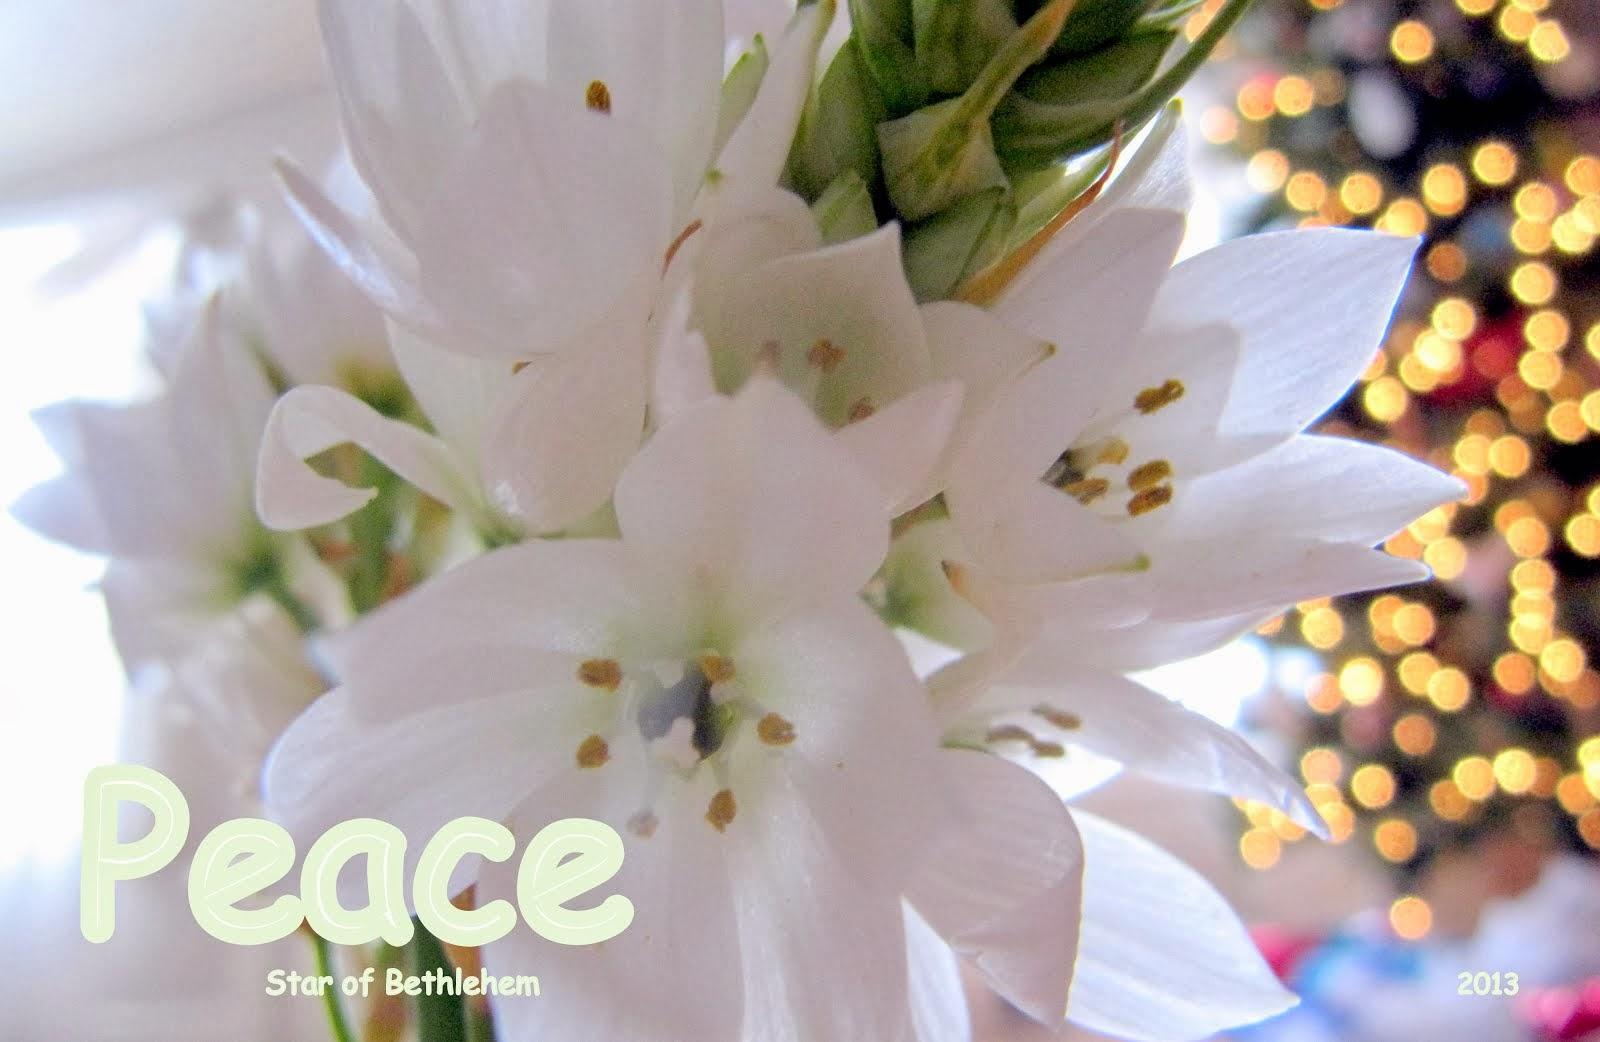 Jesus = peace